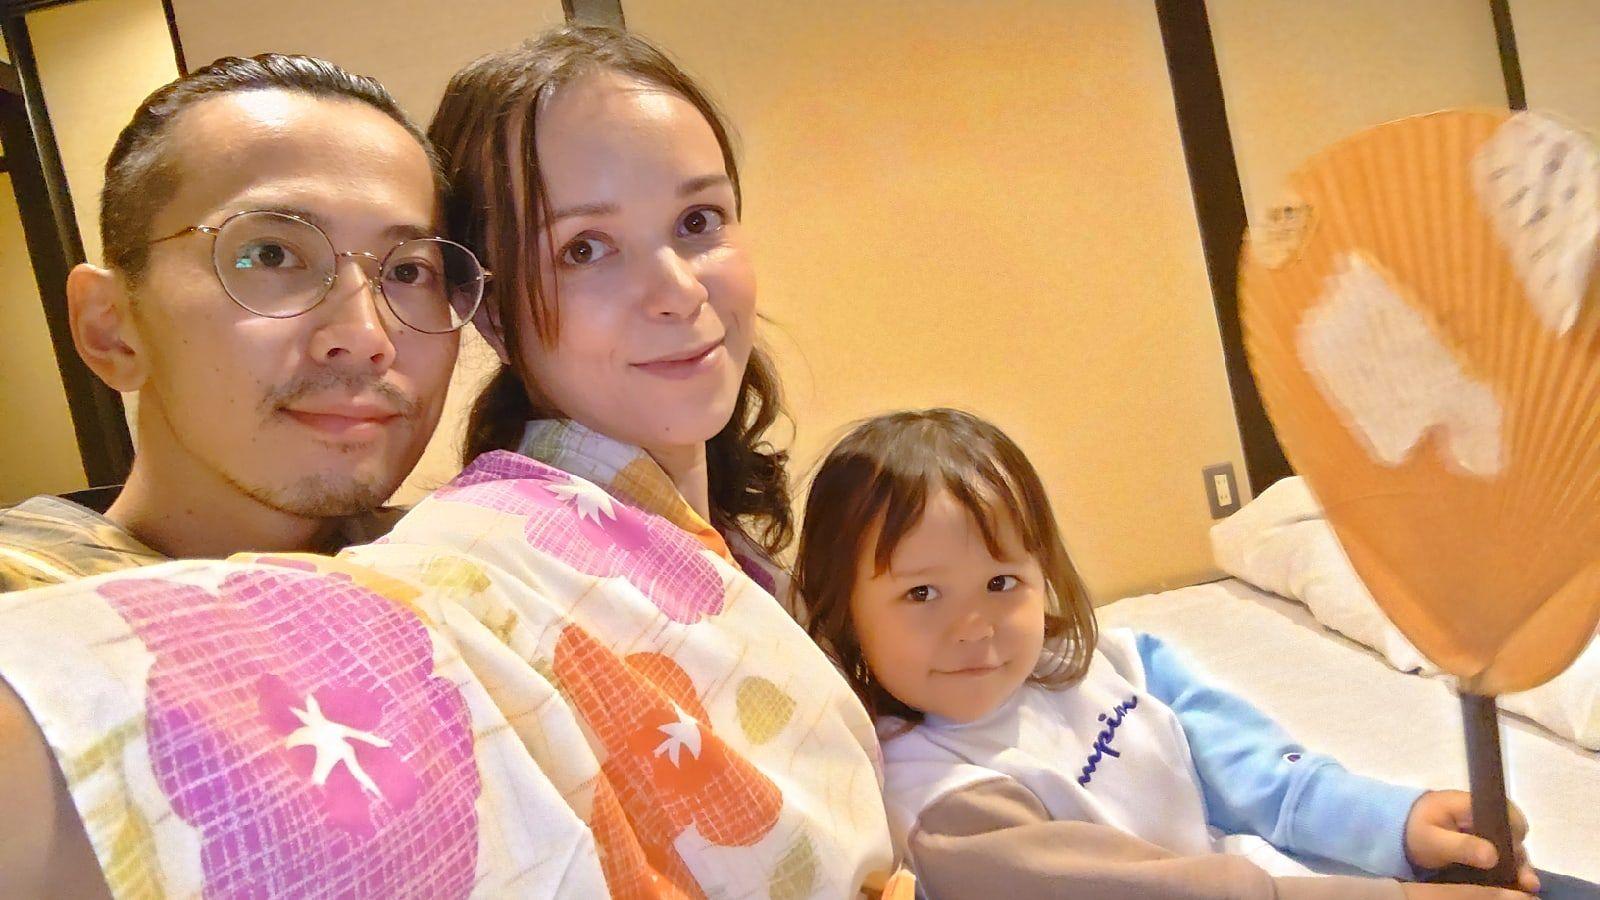 Один мой день в префектуре Сидзока, Япония, я покажу вам долгожданную семейную поездку, фото 32